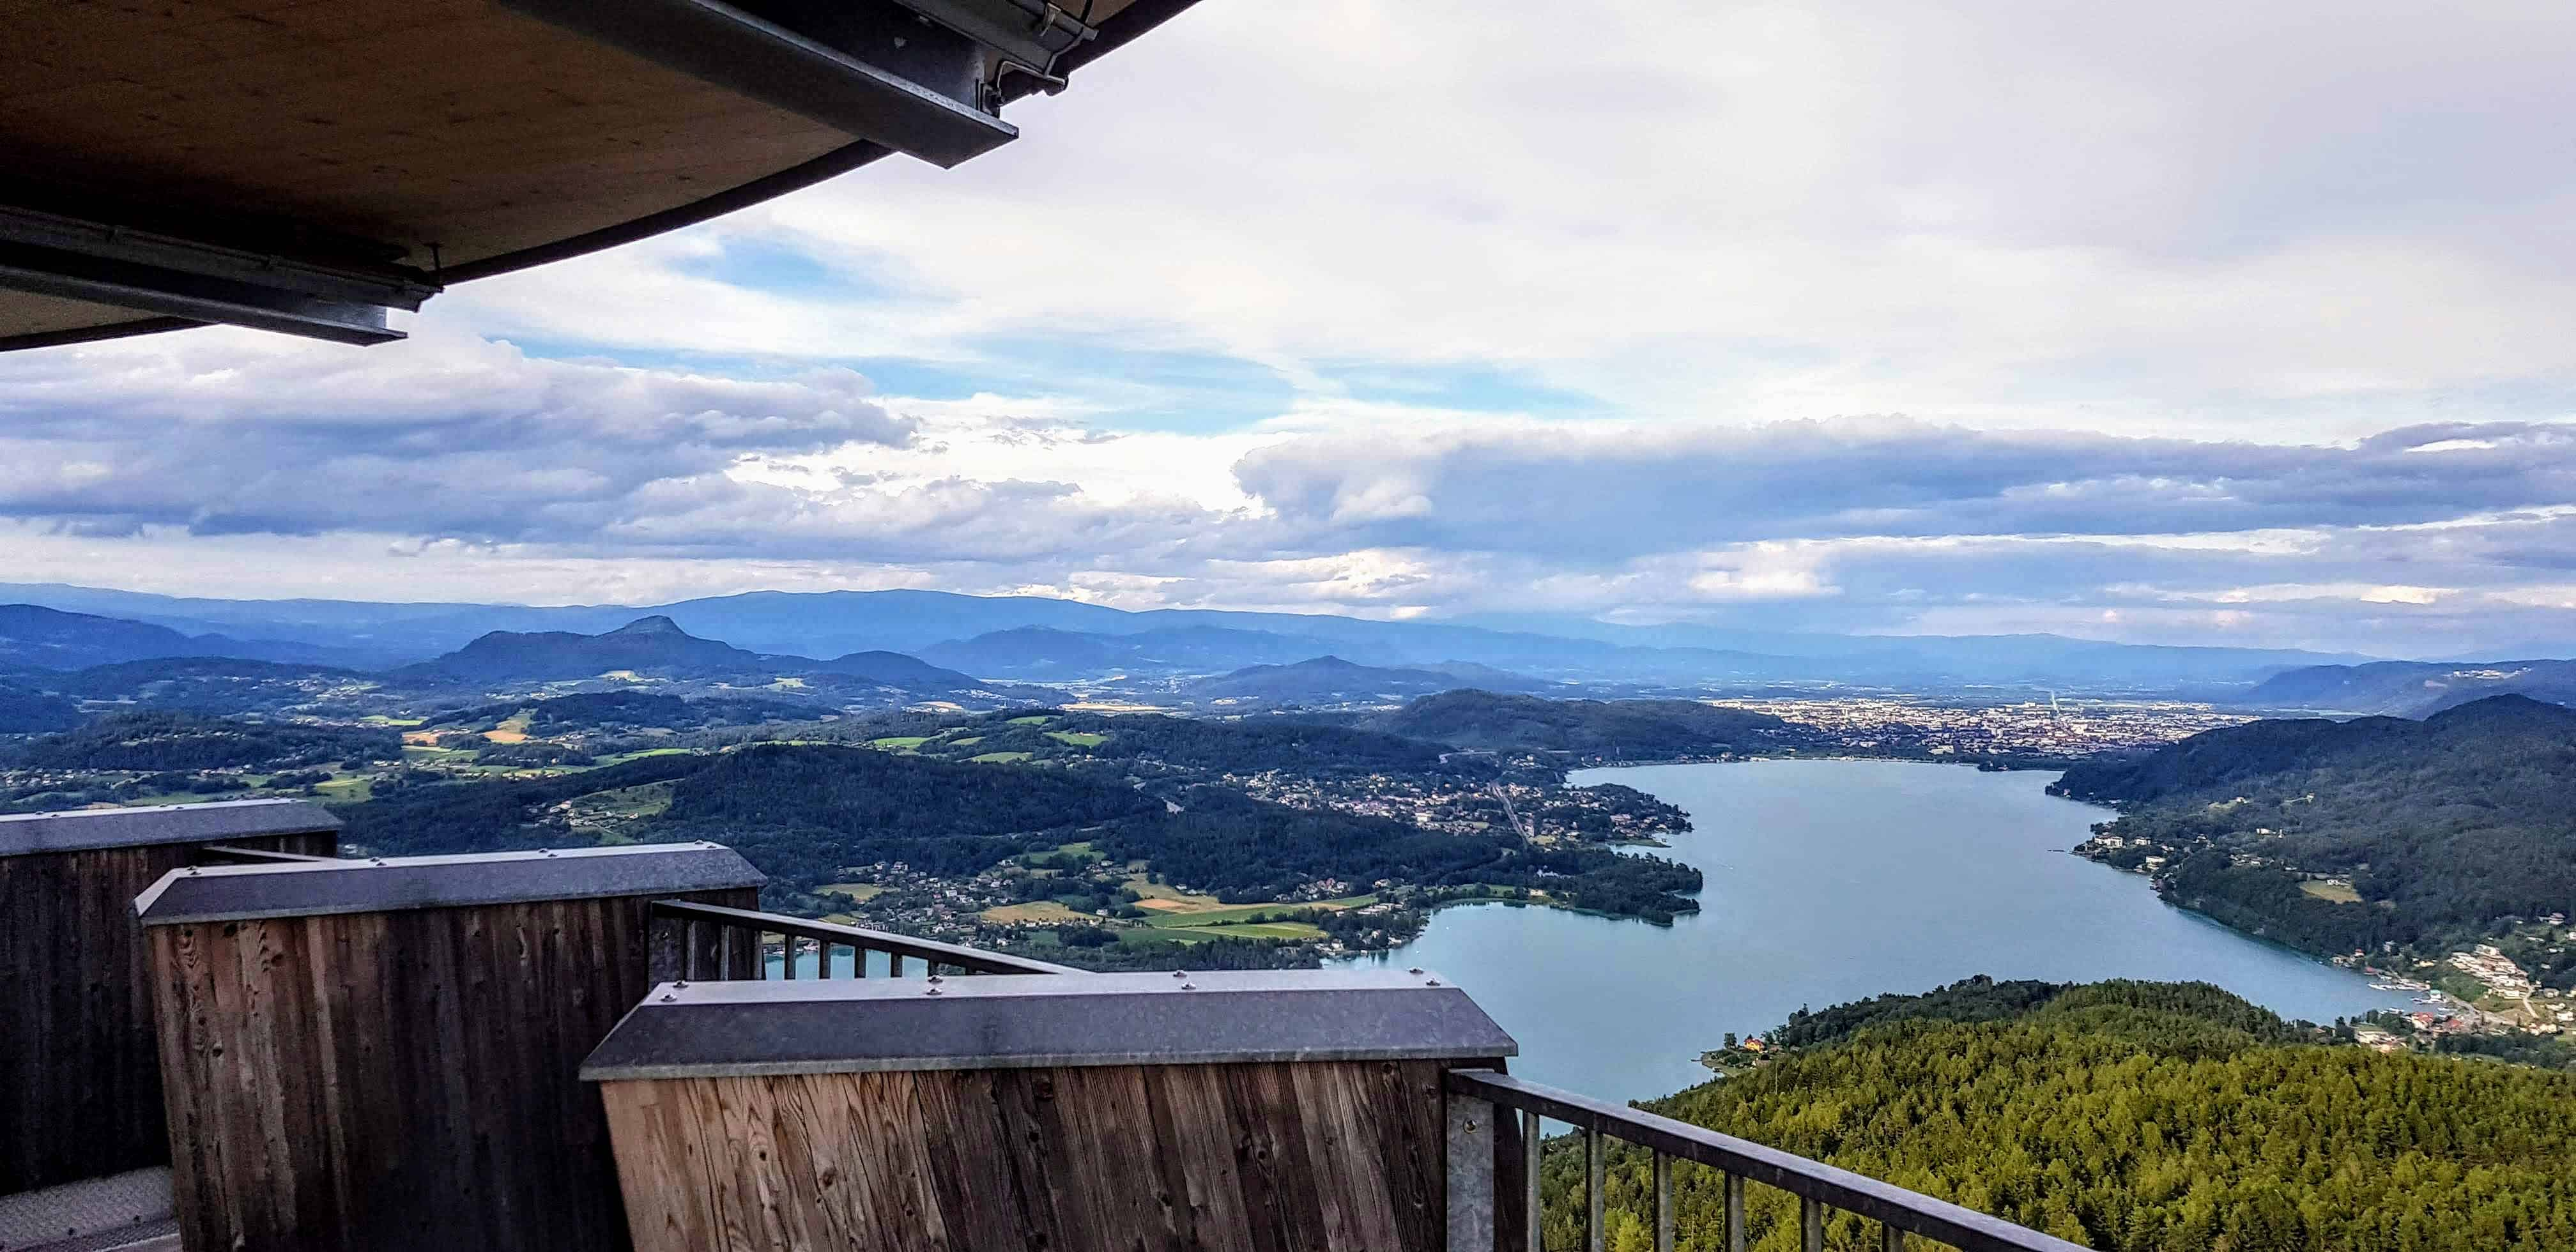 Aussichtsplattform Pyramidenkogel am Wörthersee mit Blick auf Klagenfurt und die Kärntner Berge rund um den Wörthersee.